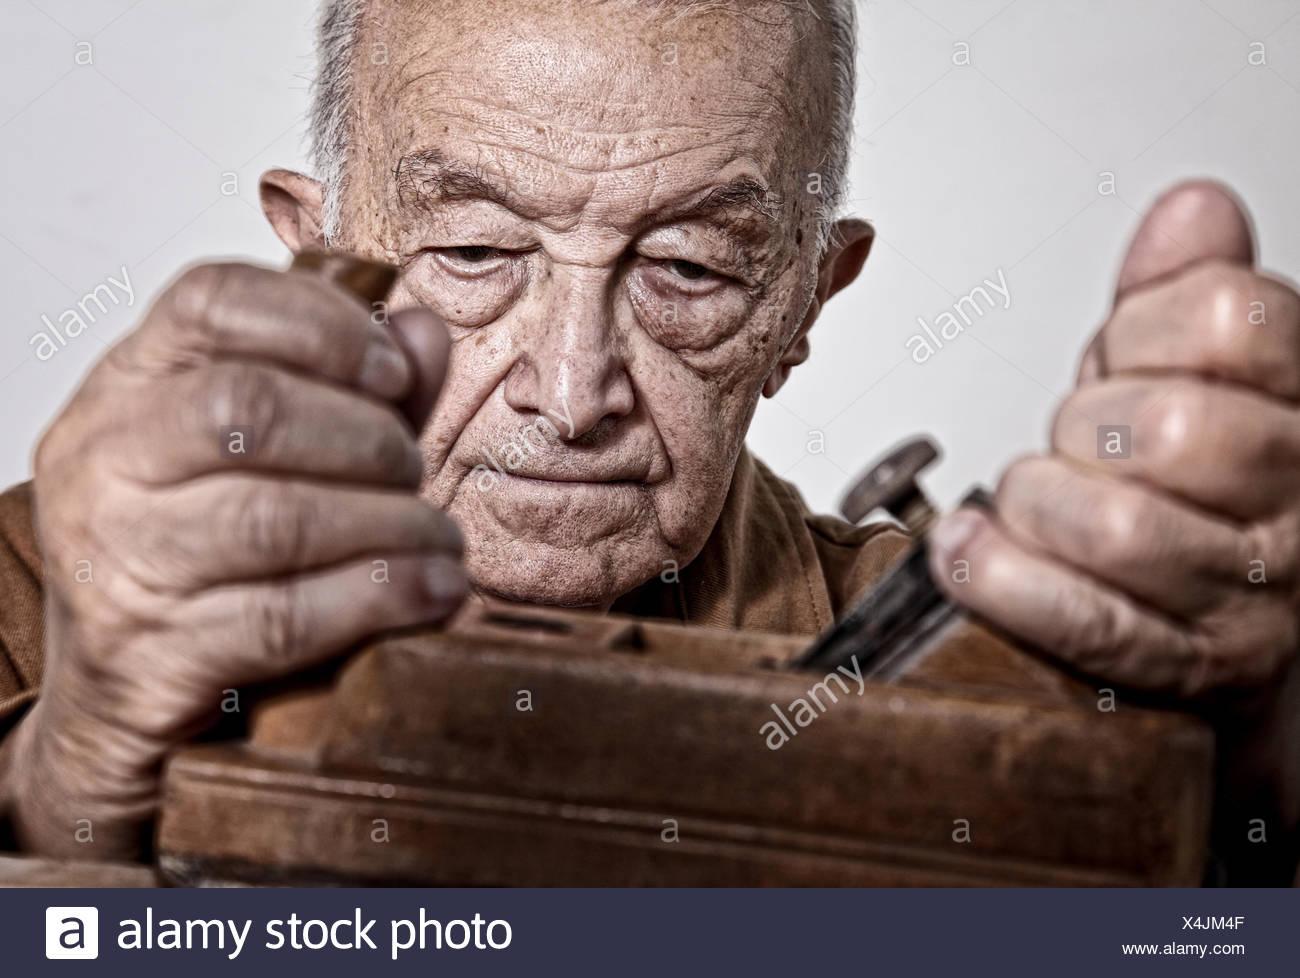 ol man at work - Stock Image